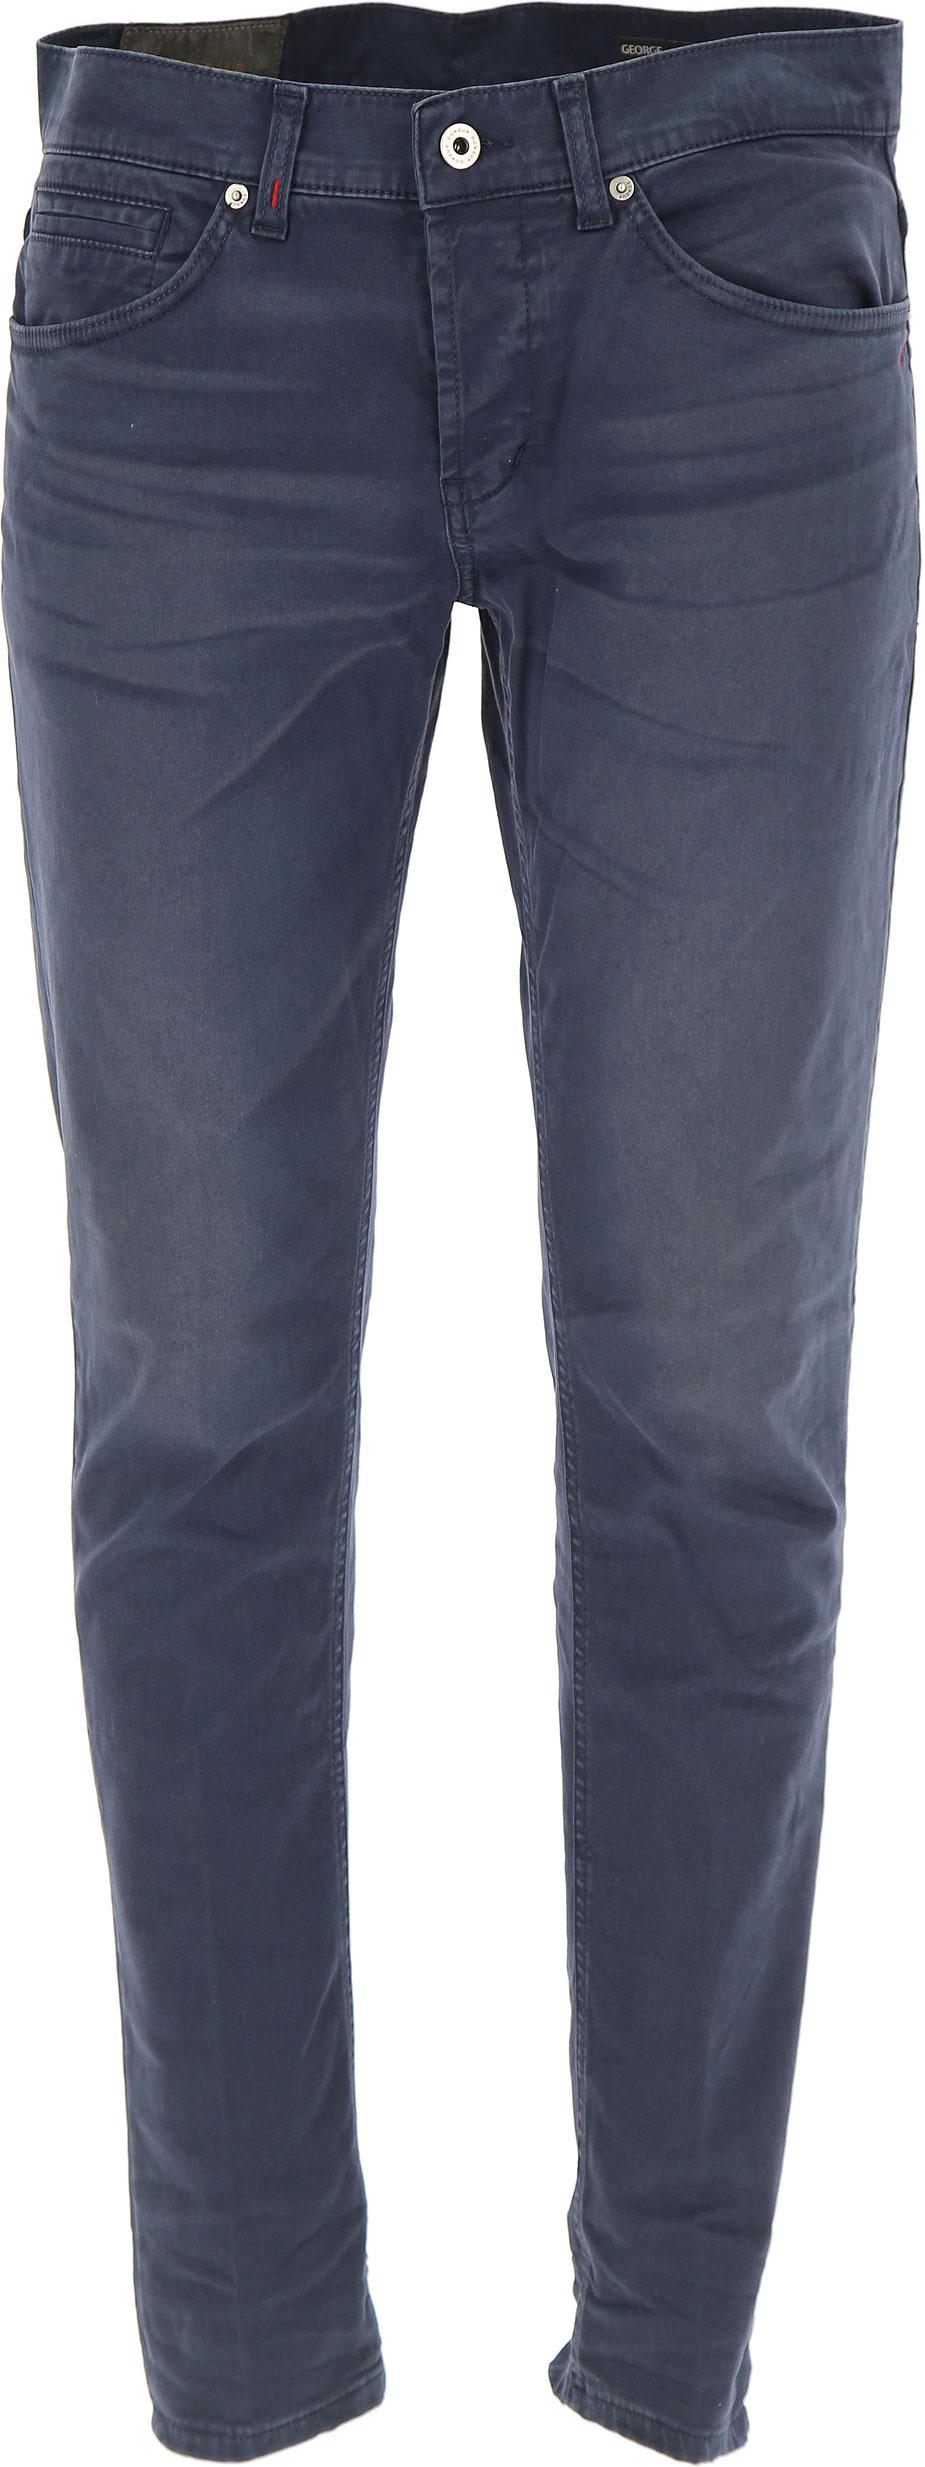 Abbigliamento Uomo Dondup, Codice Articolo: up232-gs784x-s15